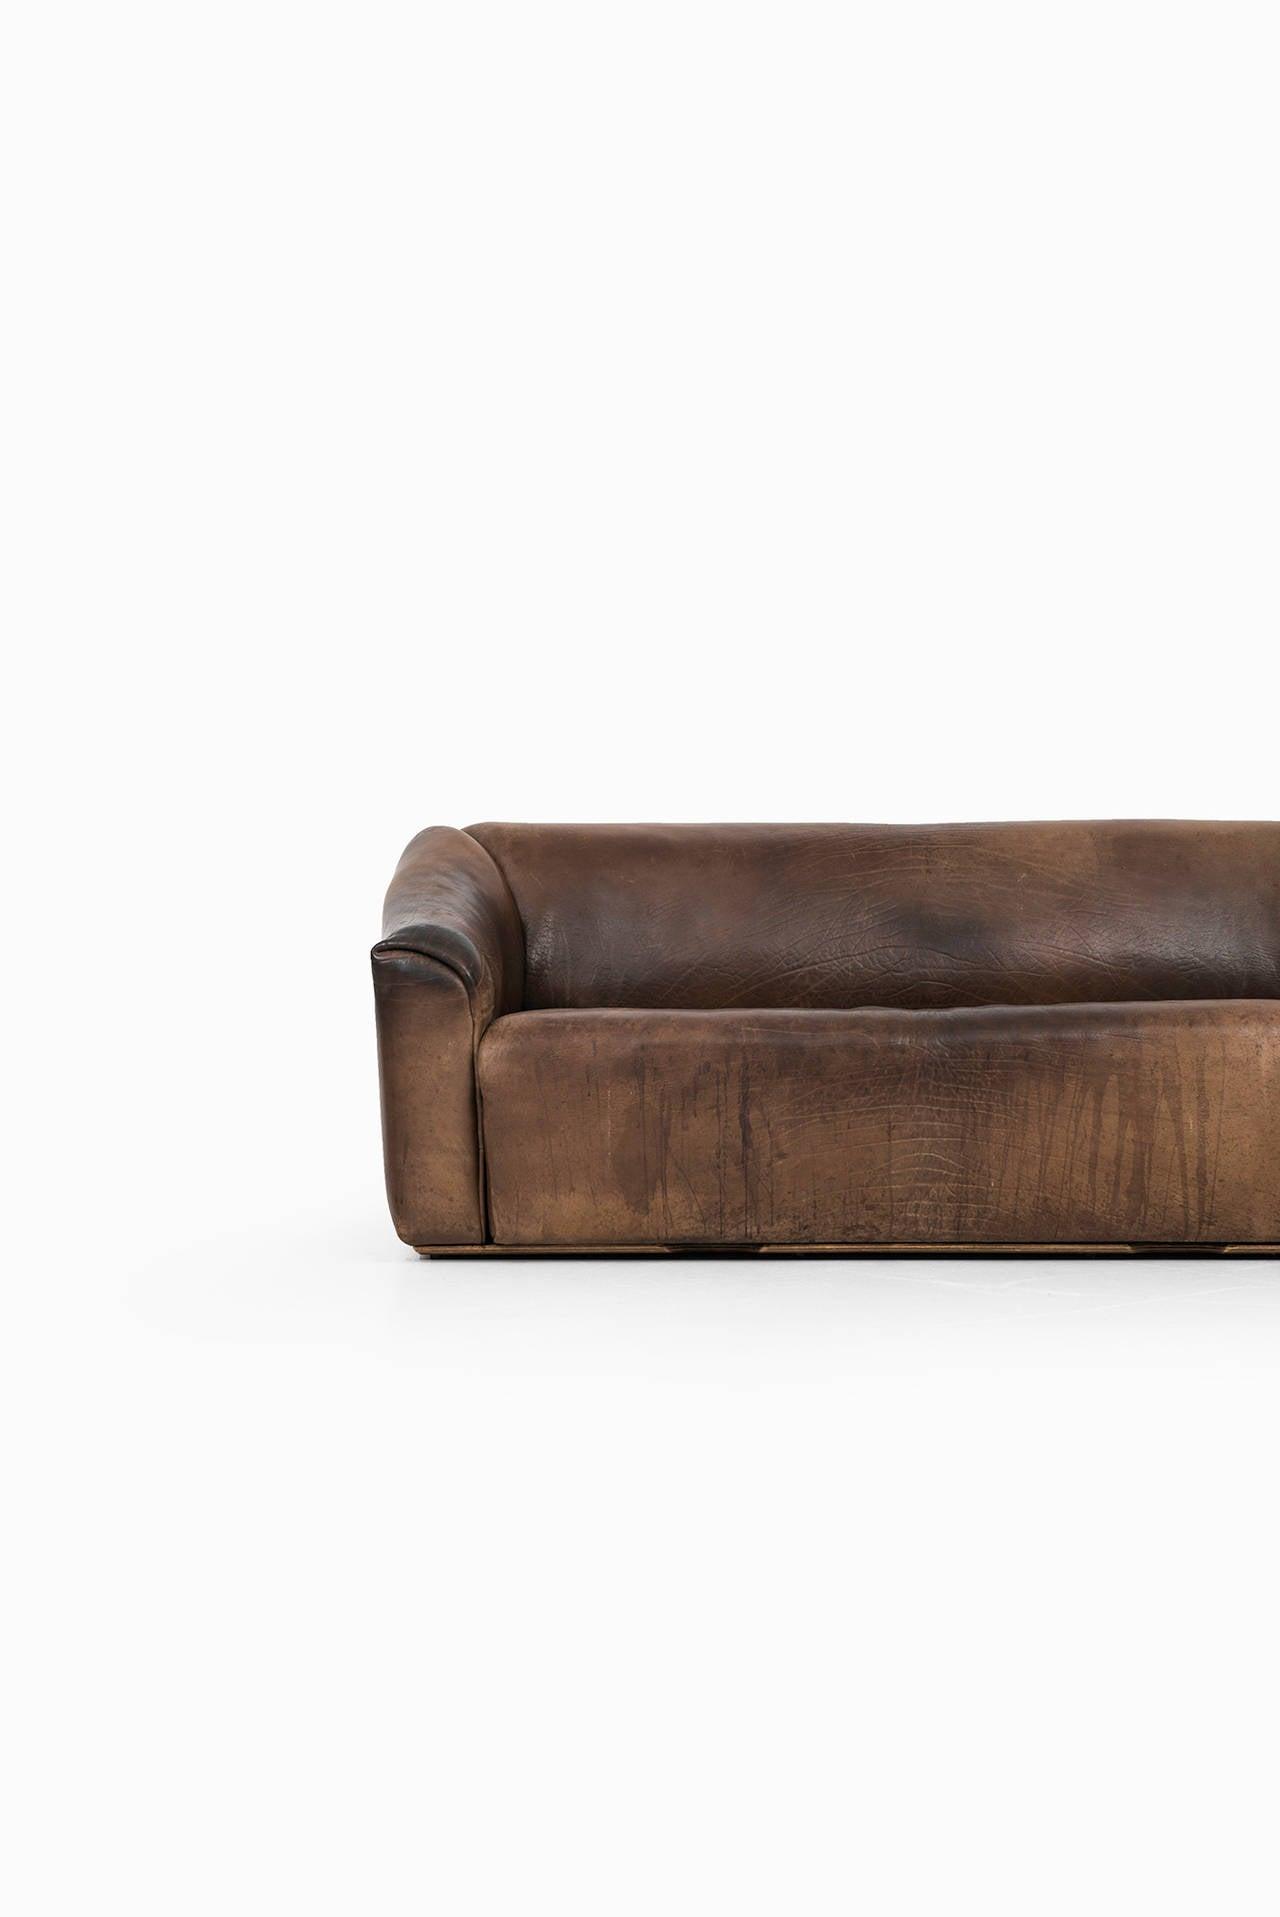 de sede sofa model ds 47 in thick bullhide at 1stdibs. Black Bedroom Furniture Sets. Home Design Ideas